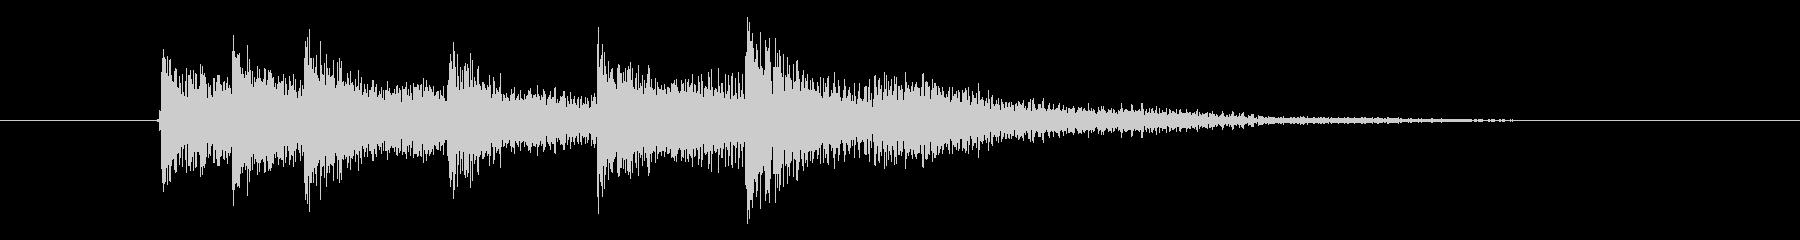 次への発展を促す音(展開音)の未再生の波形